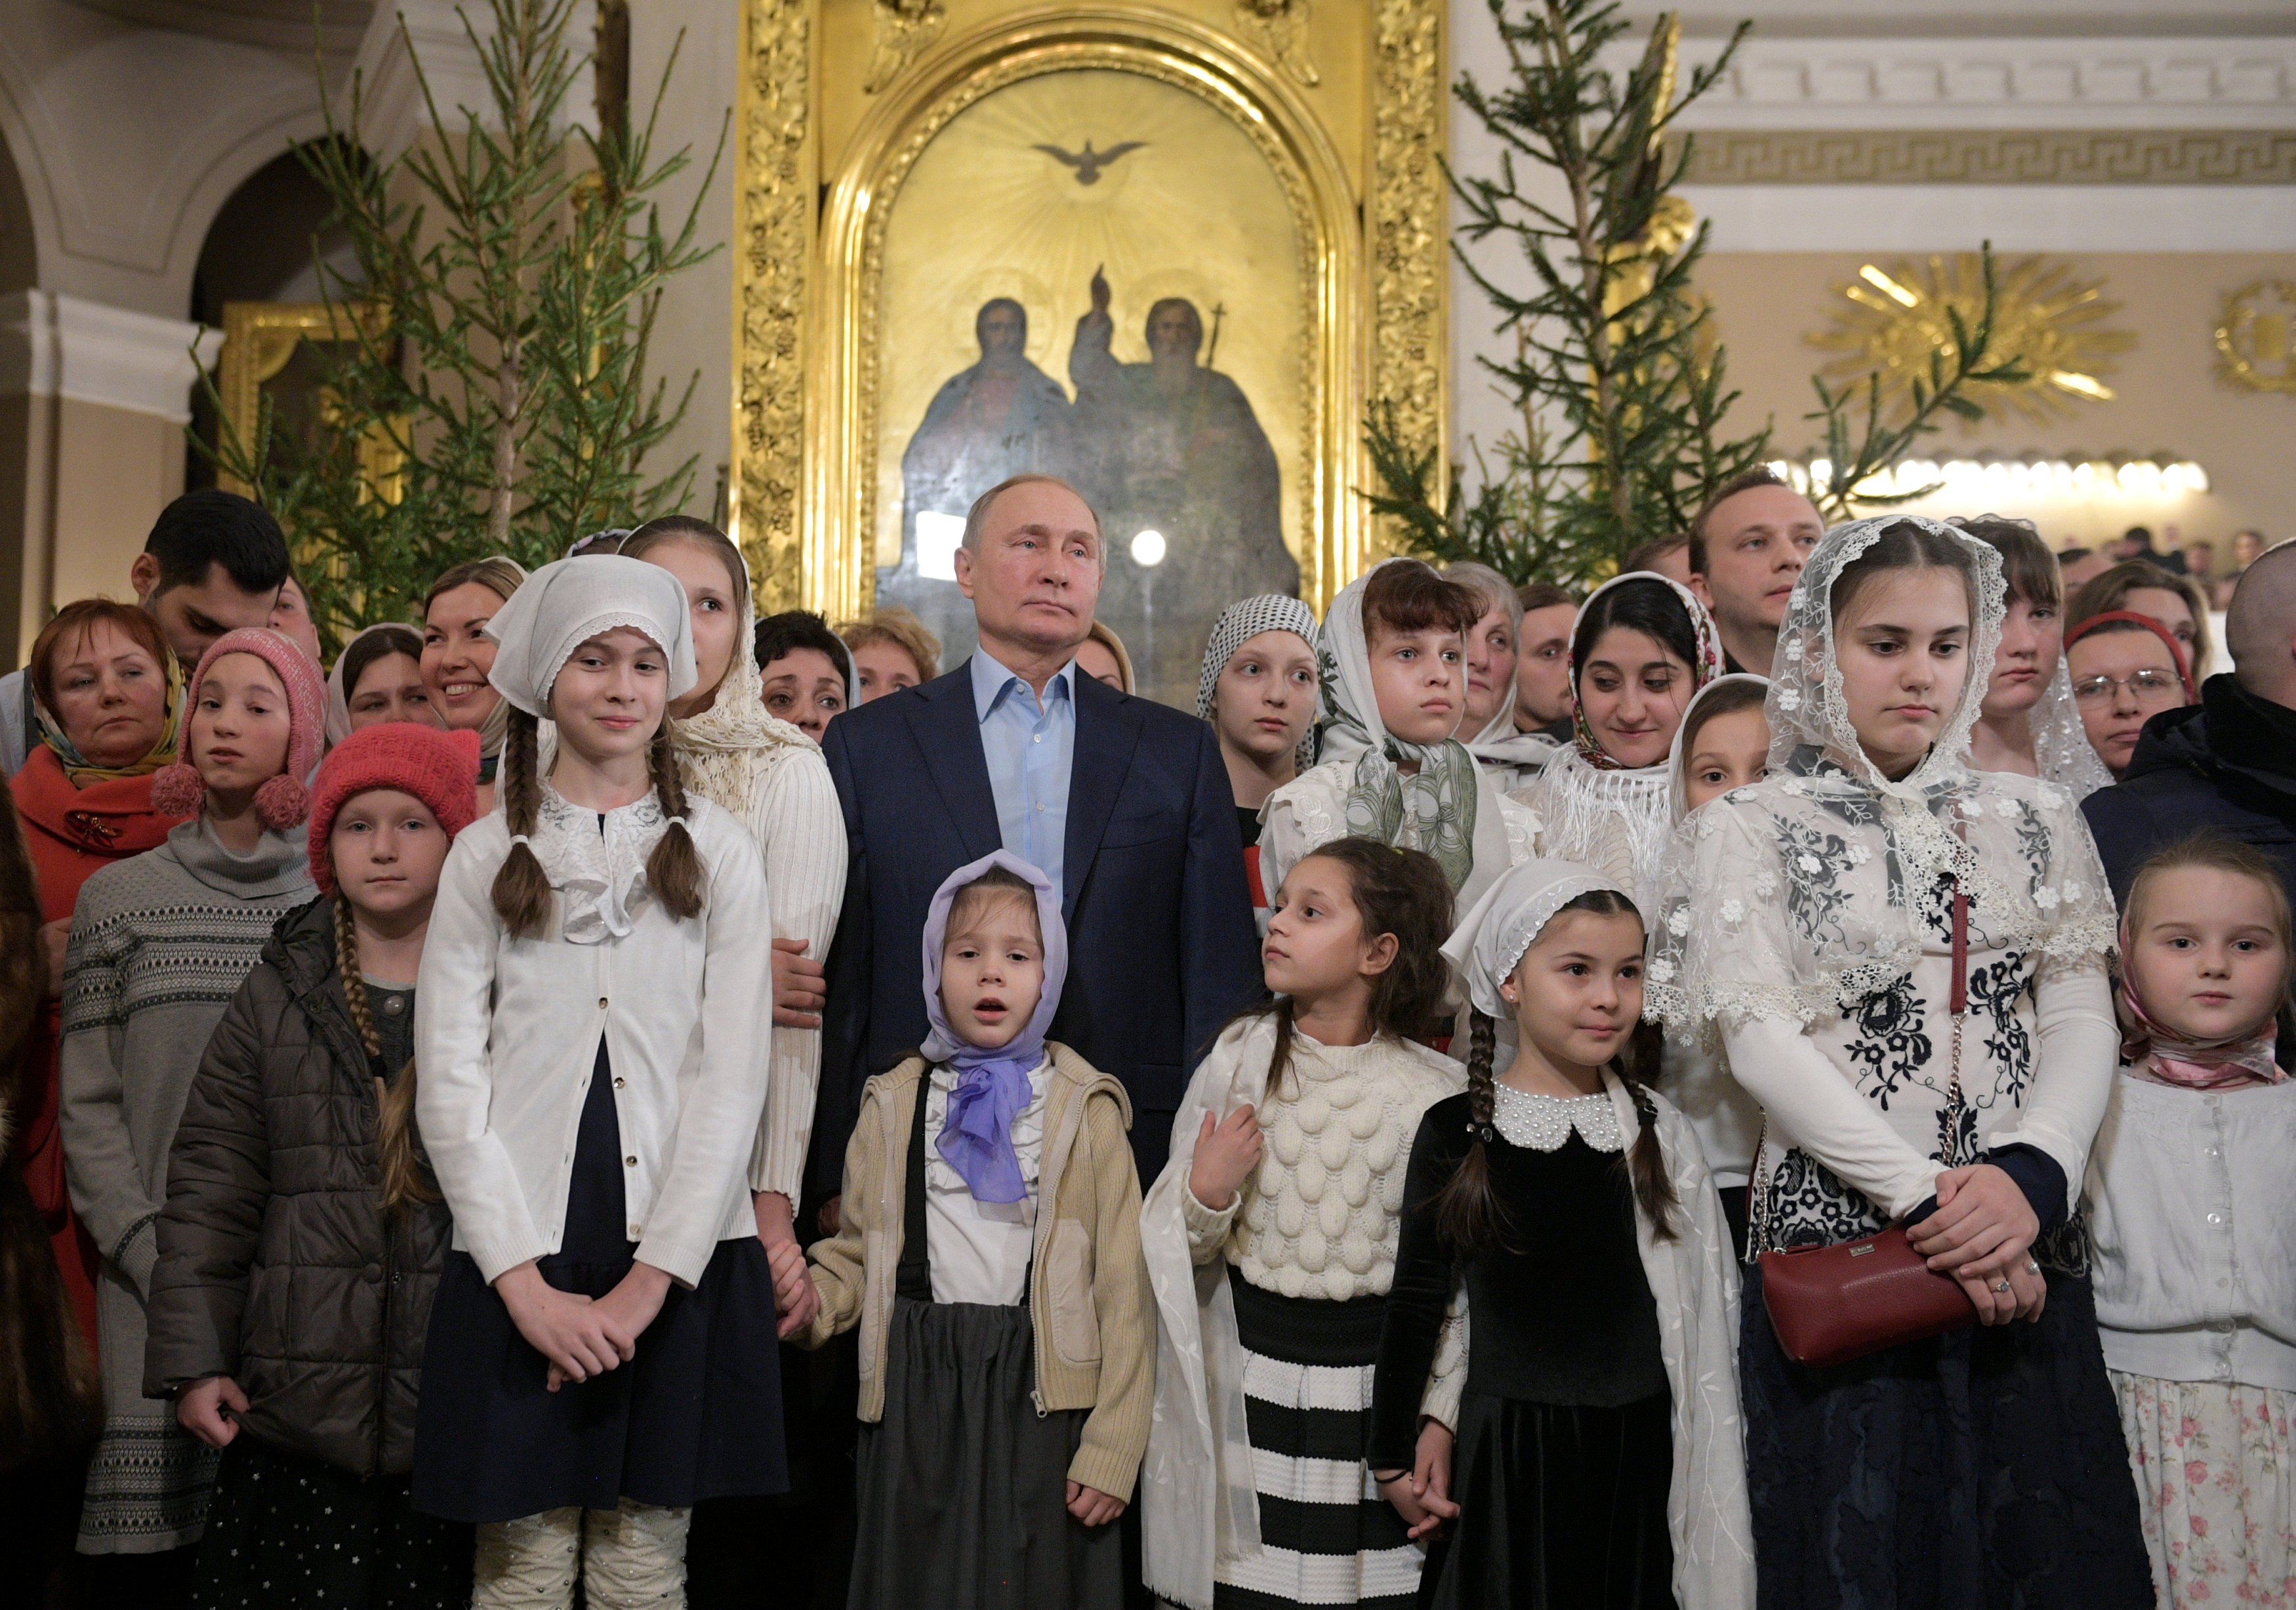 الرئيس بوتين يحضر قداس عيد الميلاد فى إحدى كنائس (5)